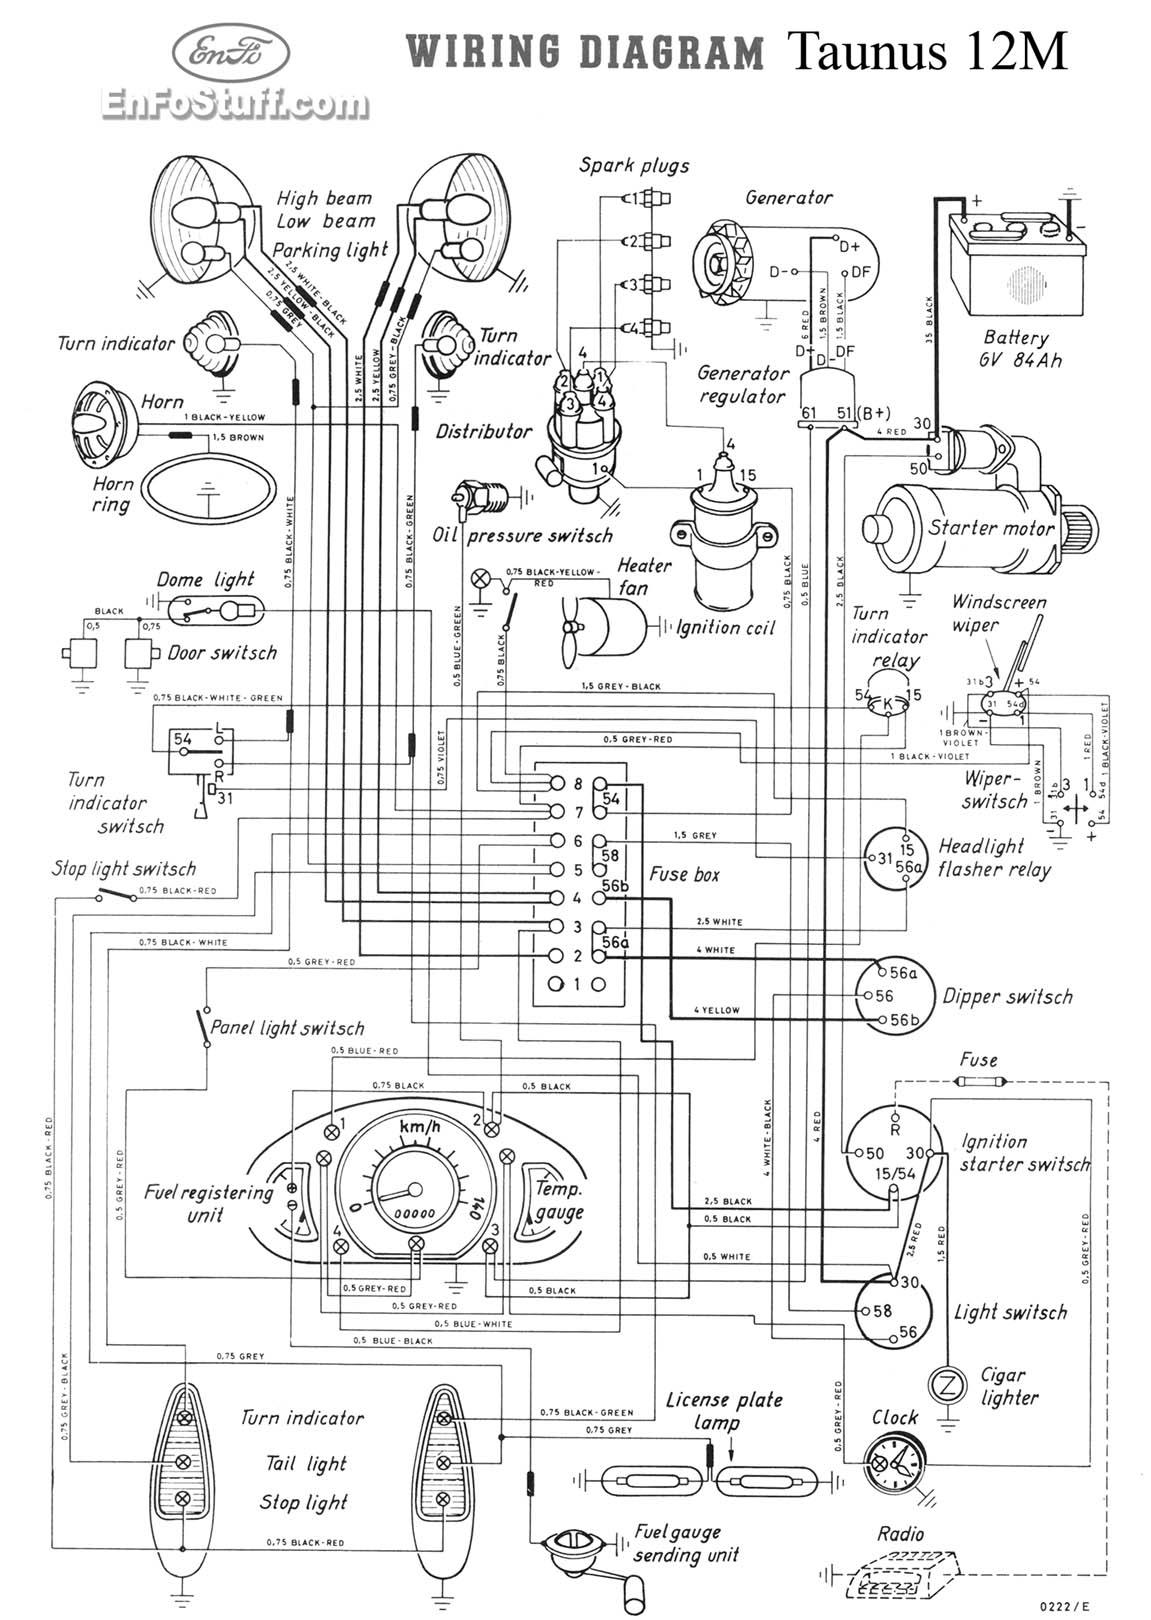 Vw Touran Wiring Diagram Pdf